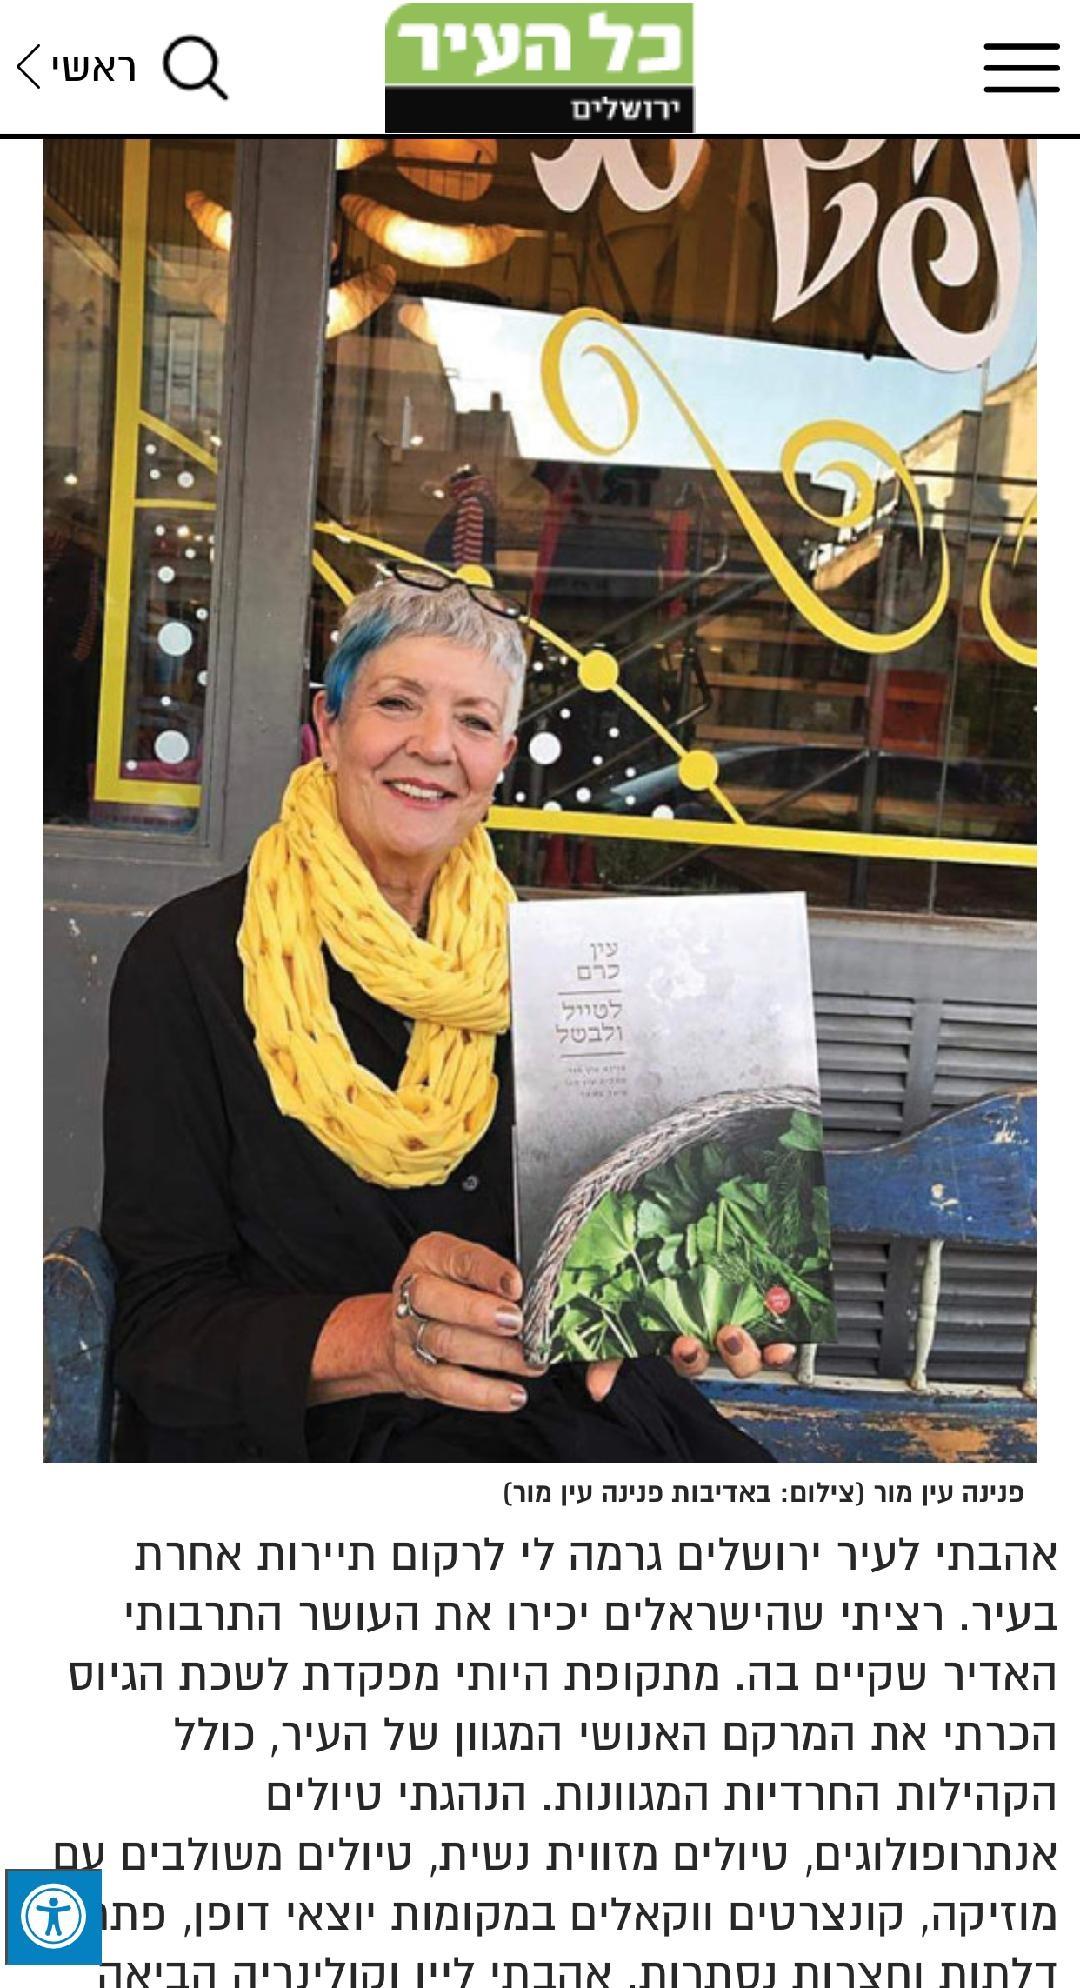 פנינה עין מור מייסדת החברה על סיורים לקבוצות בירושלים